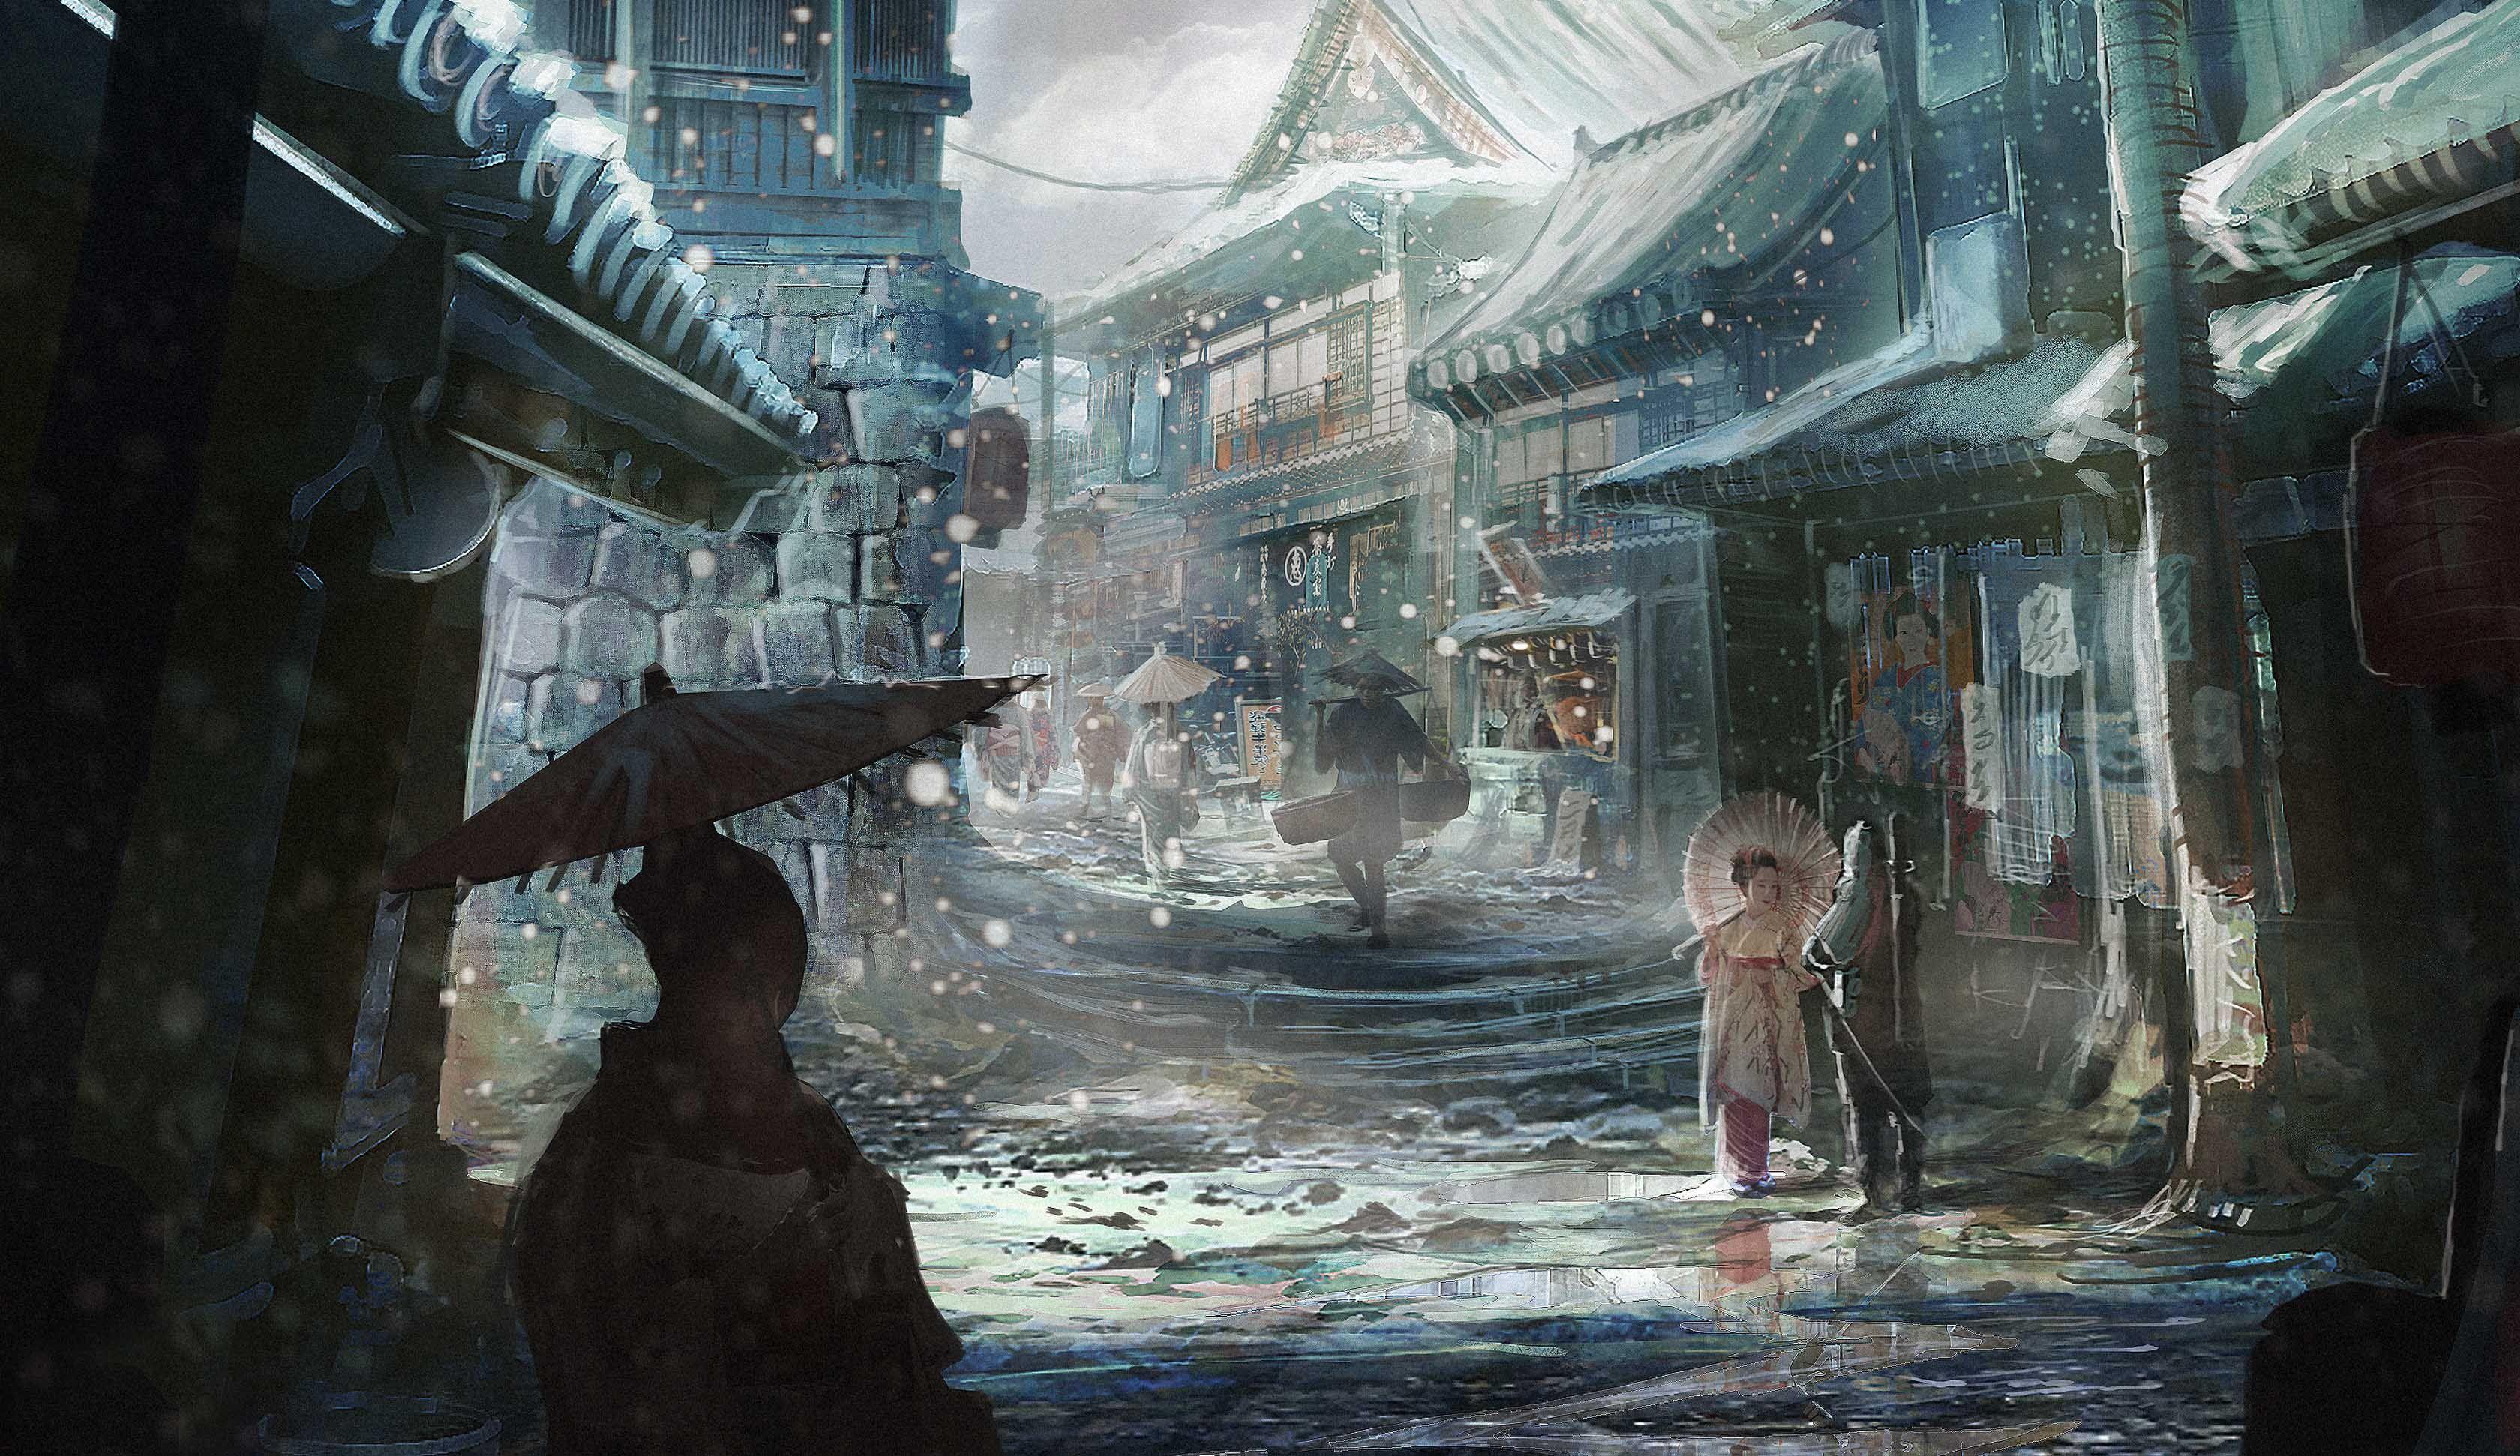 Assassins Creed Building Concept Art Wallpaper With Images Assassins Creed Assassins Creed Art Assassin